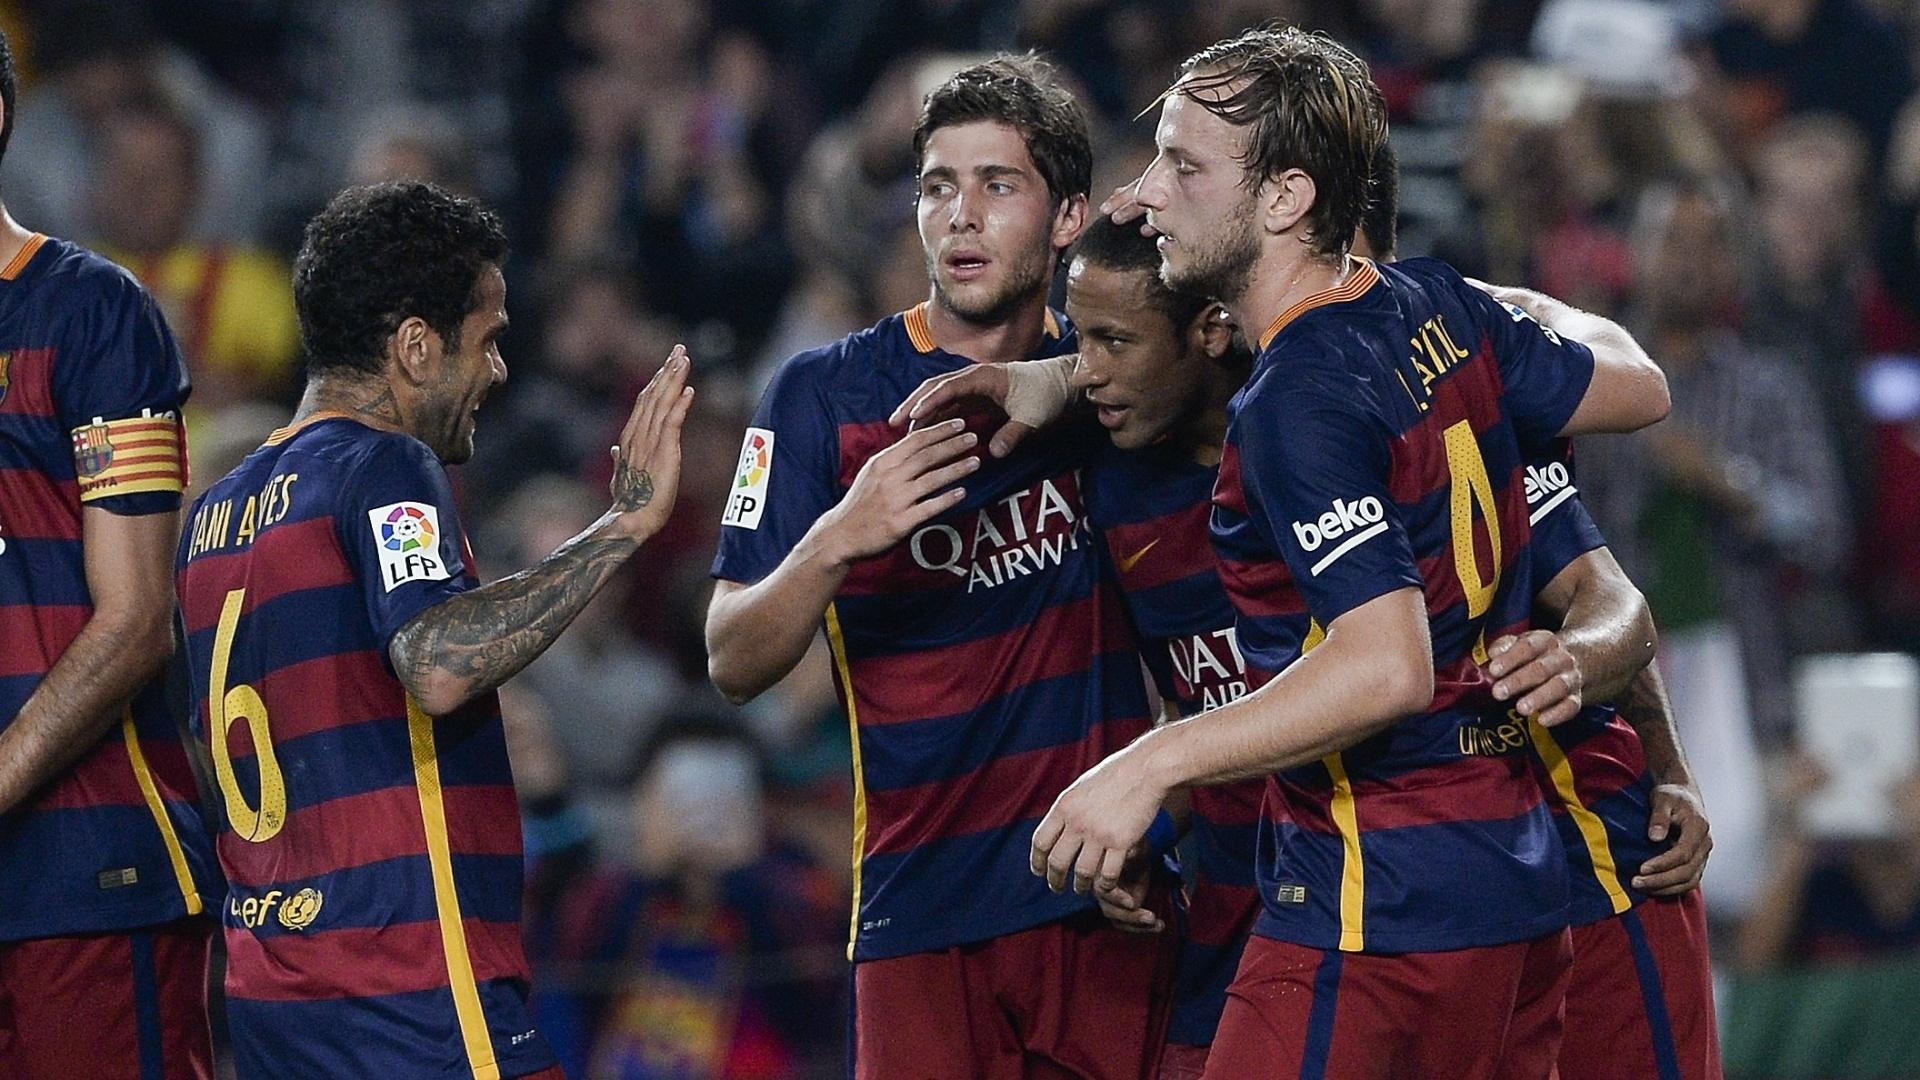 Companheiros de equipe celebraram bastante os gols marcados por Neymar